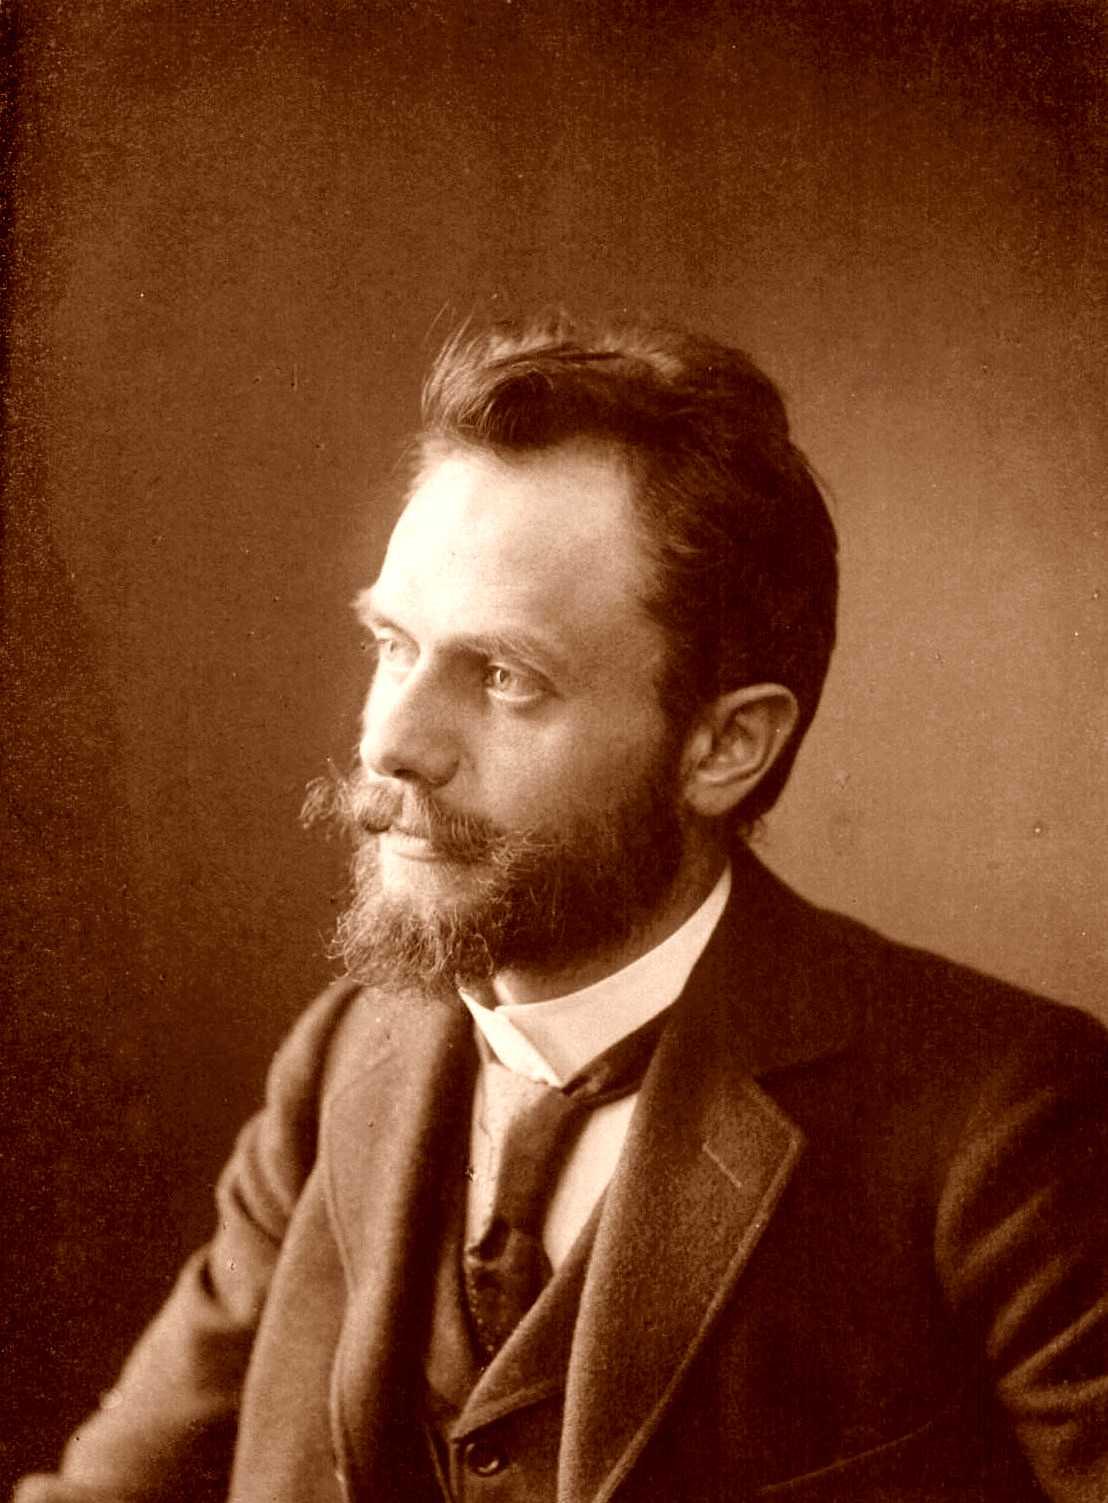 Wilhelm Spohr fotografiat per Wettern a Hamburg (ca. 1890-1910)